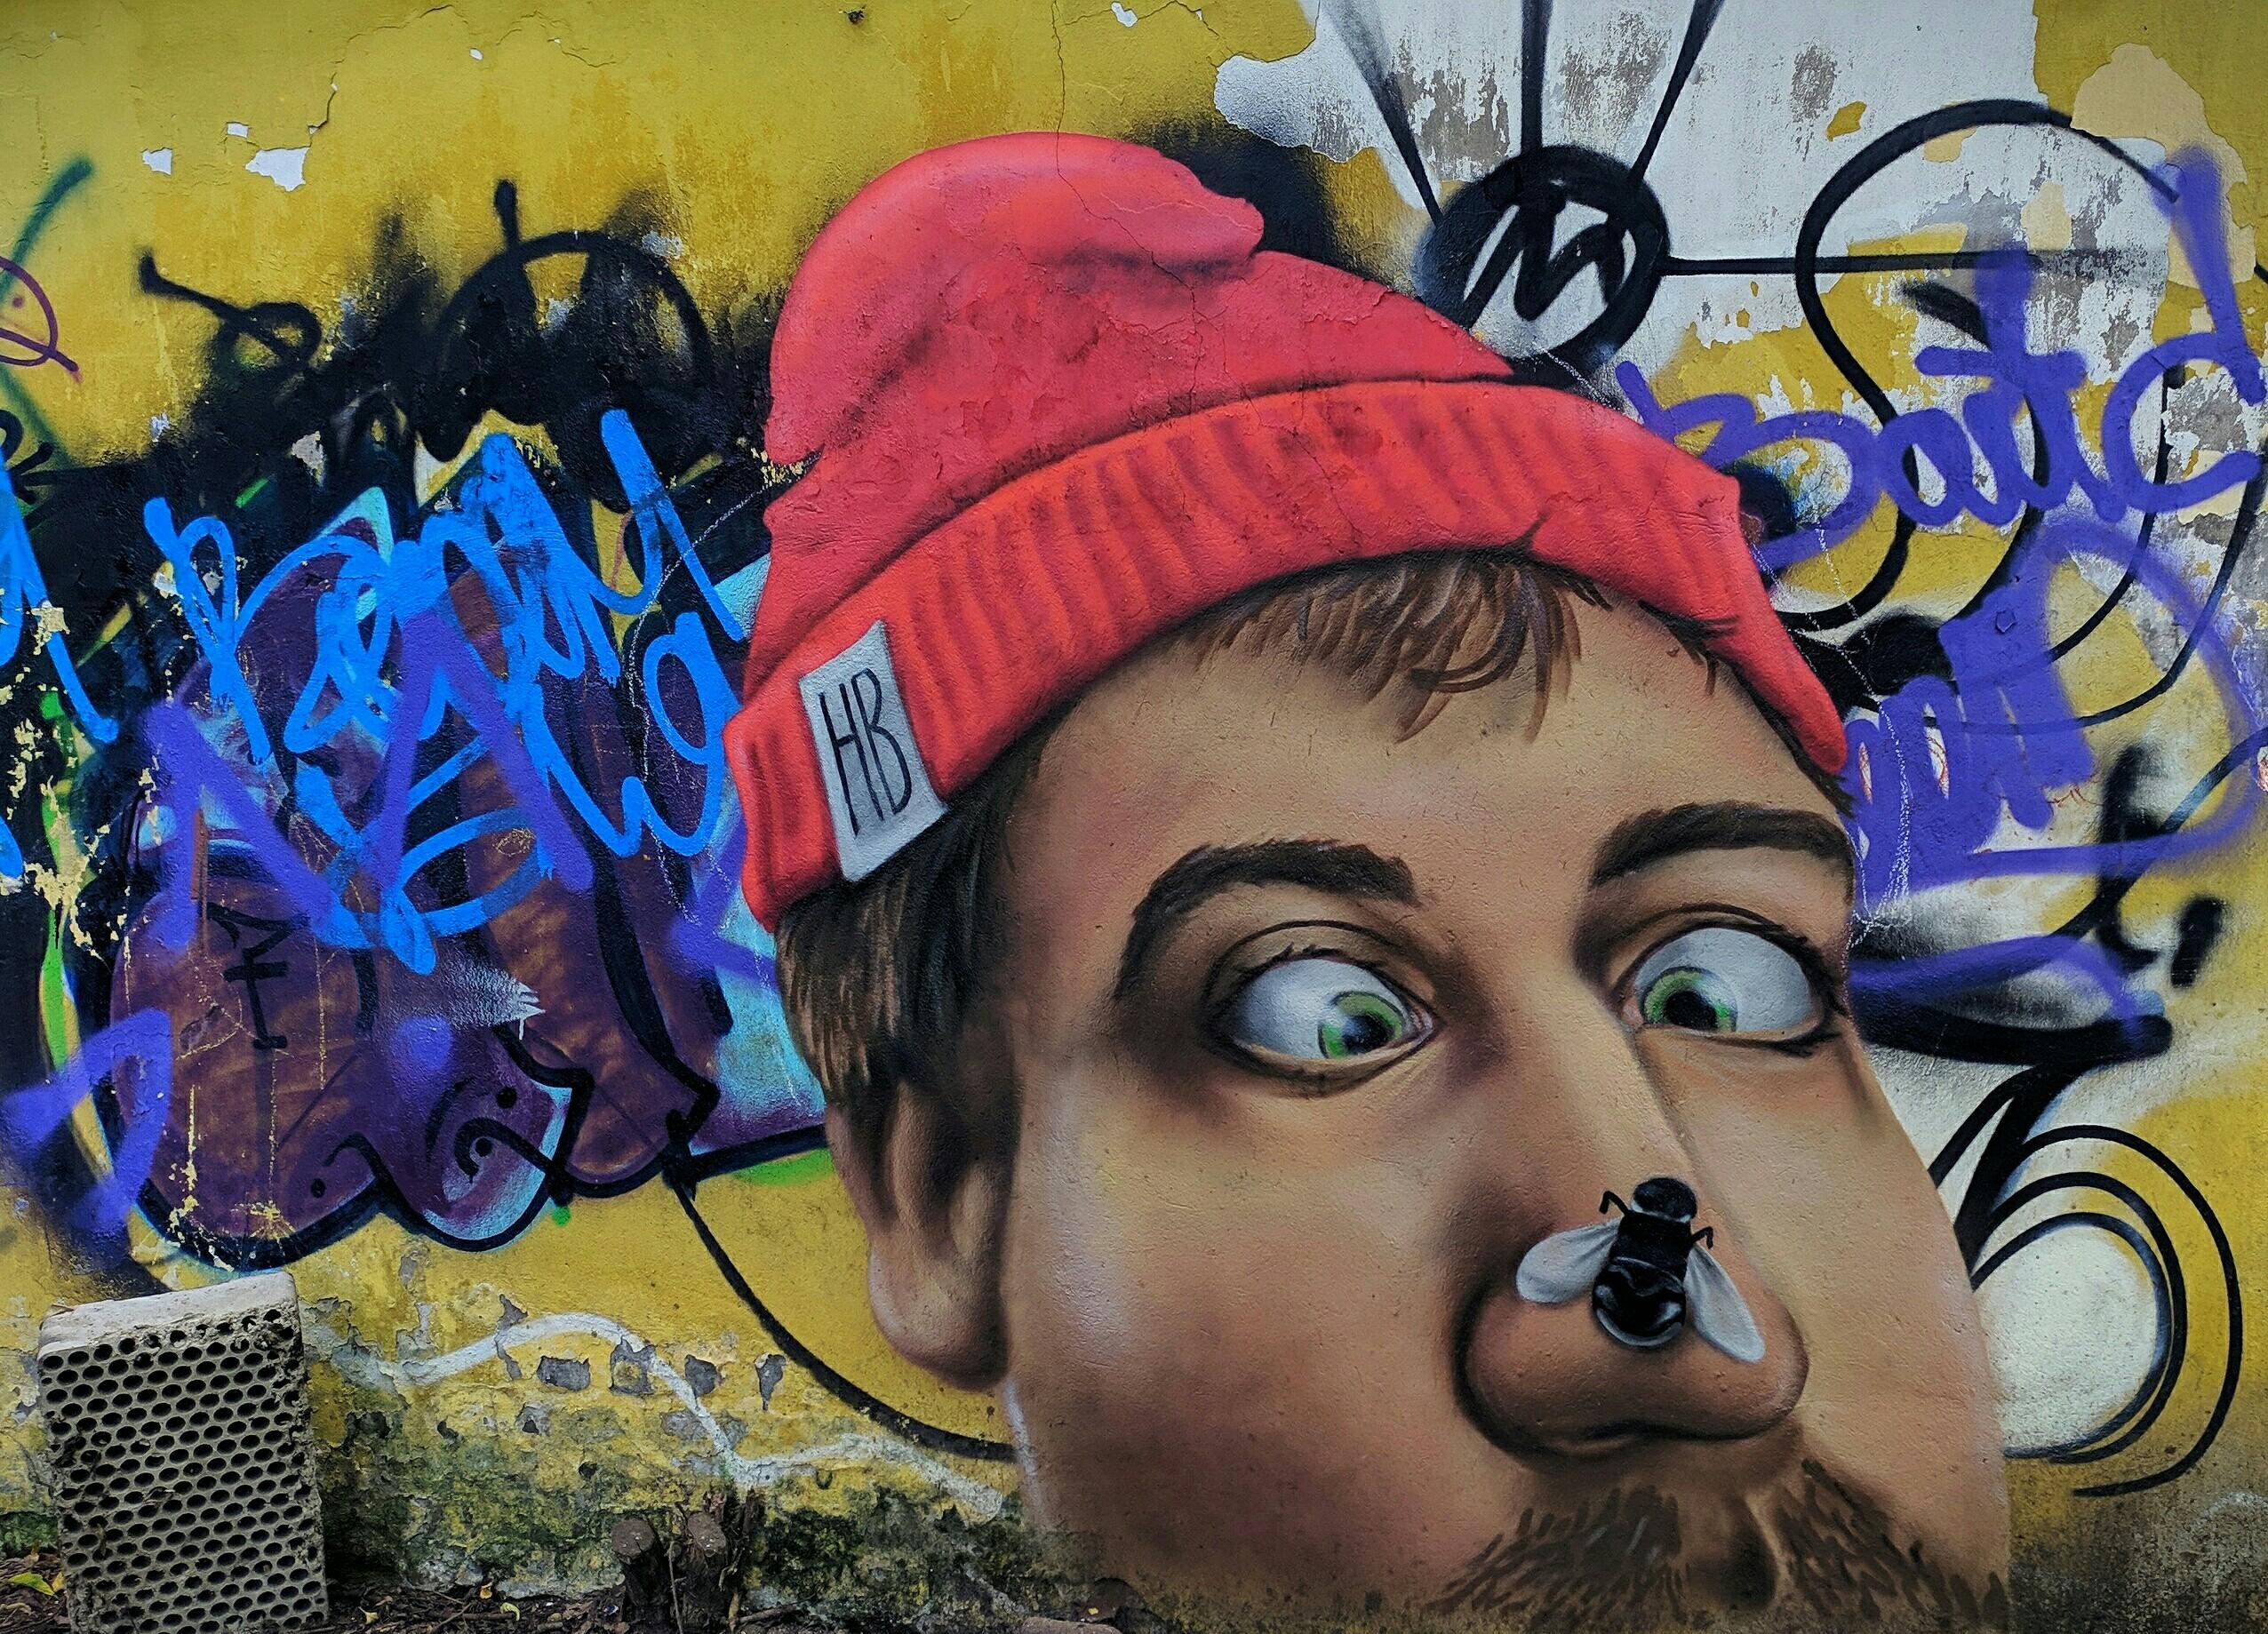 В Твери появилось новое красивое граффити